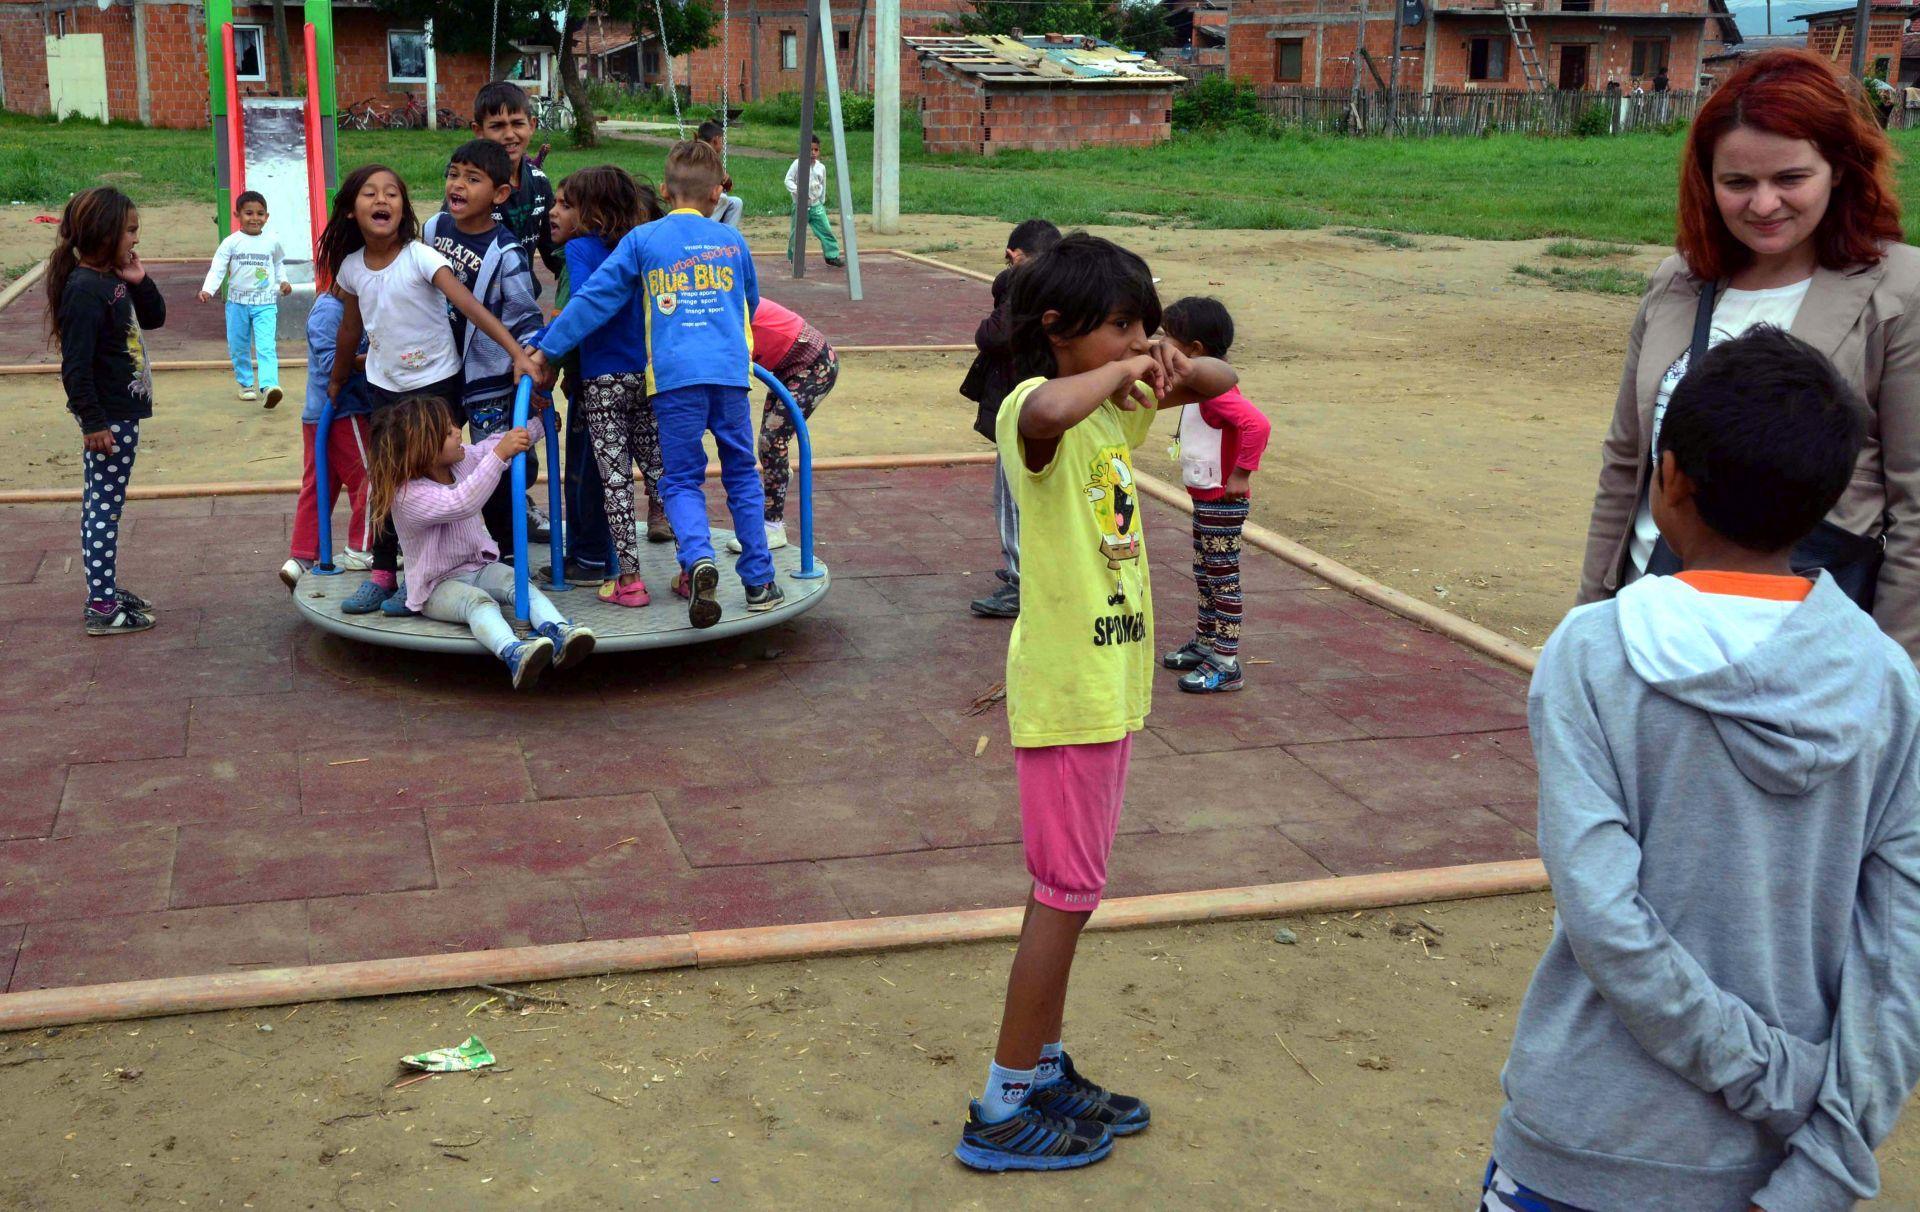 Slavonski Brod: Otvoreno novo igralište u naselju s 500 romske djece